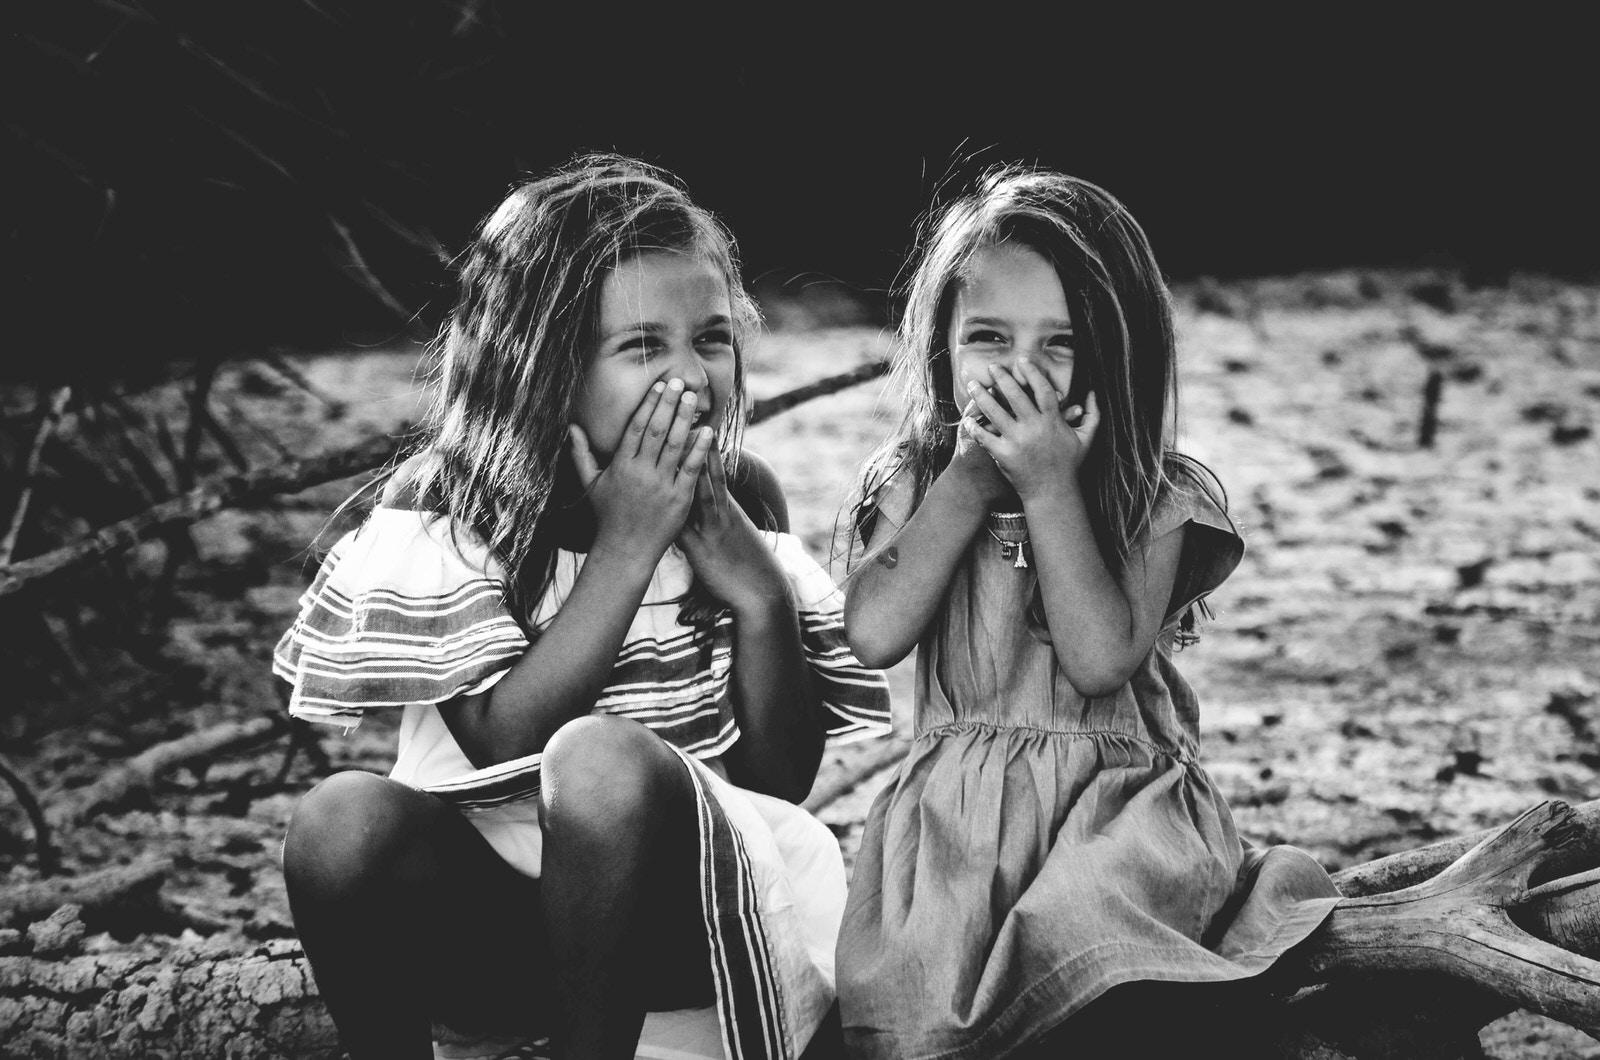 girls, laughing